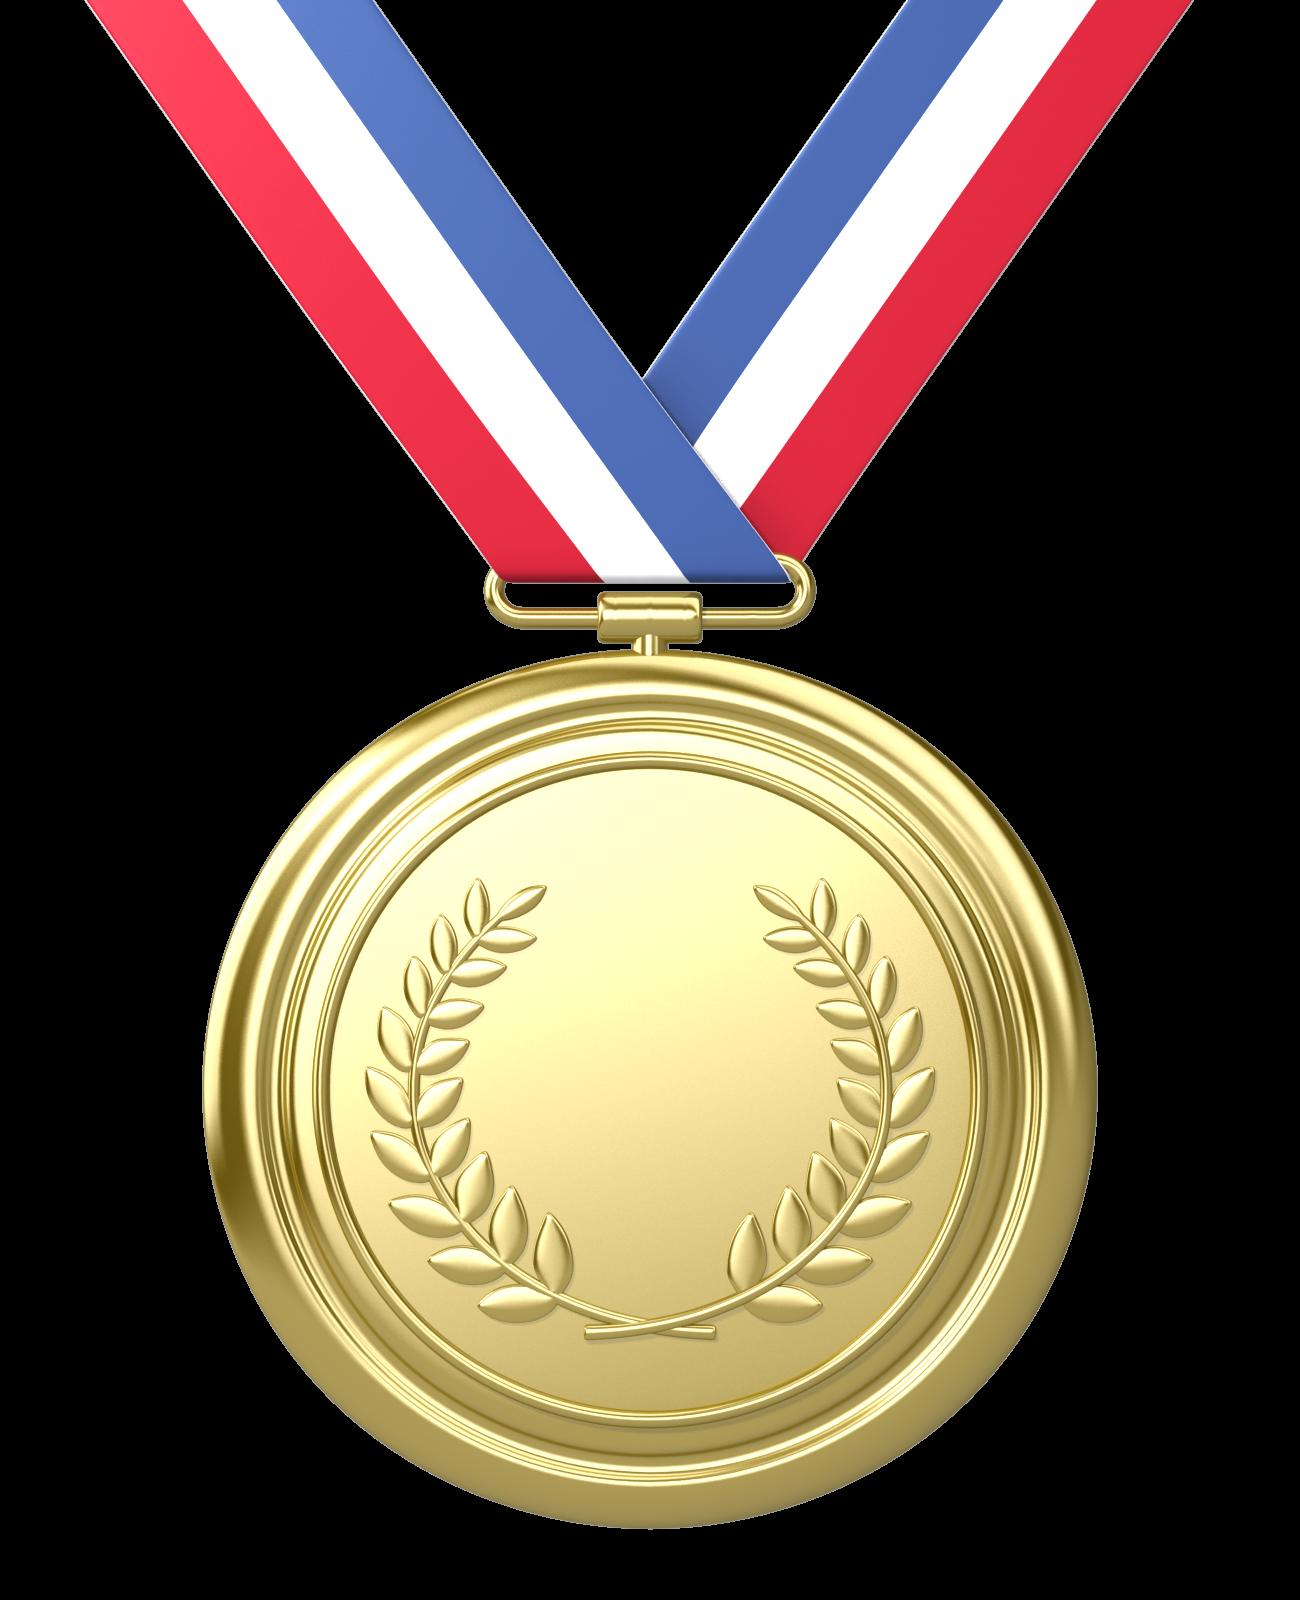 Gold Medal Winner Clipart.